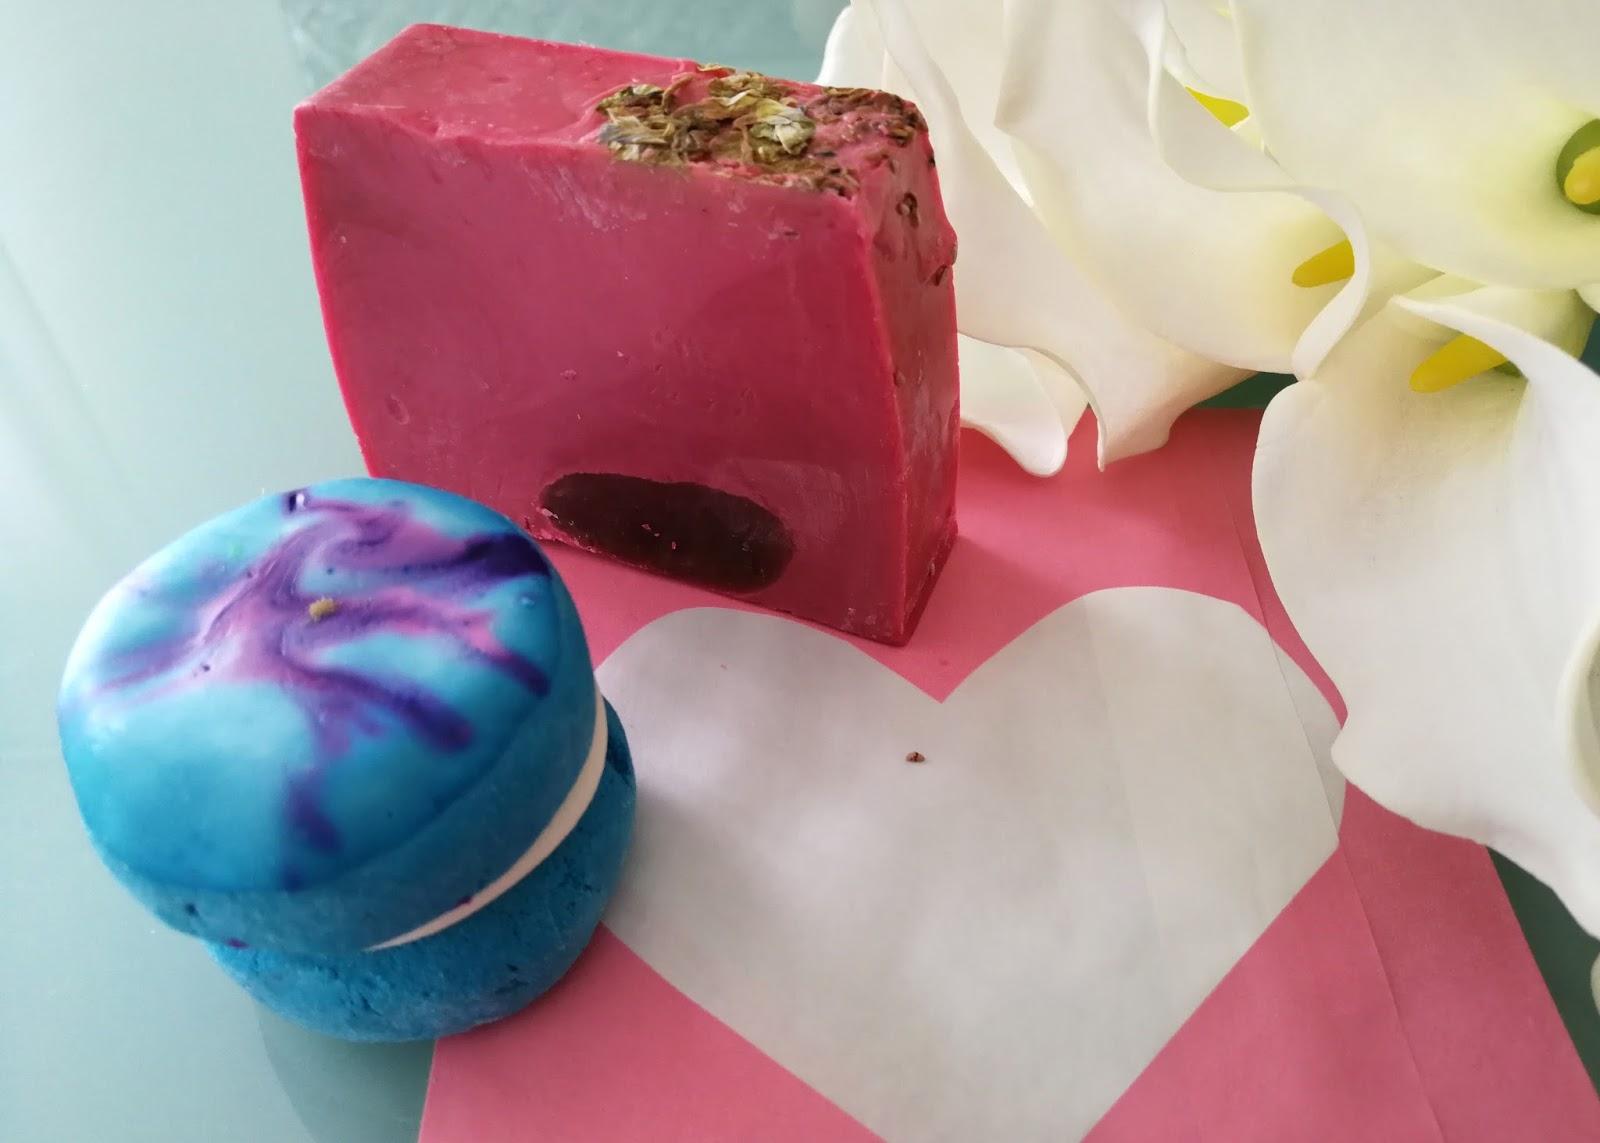 Geschenke Unter 30 Euro 10 Besondere Ideen Zum Muttertag Wohn